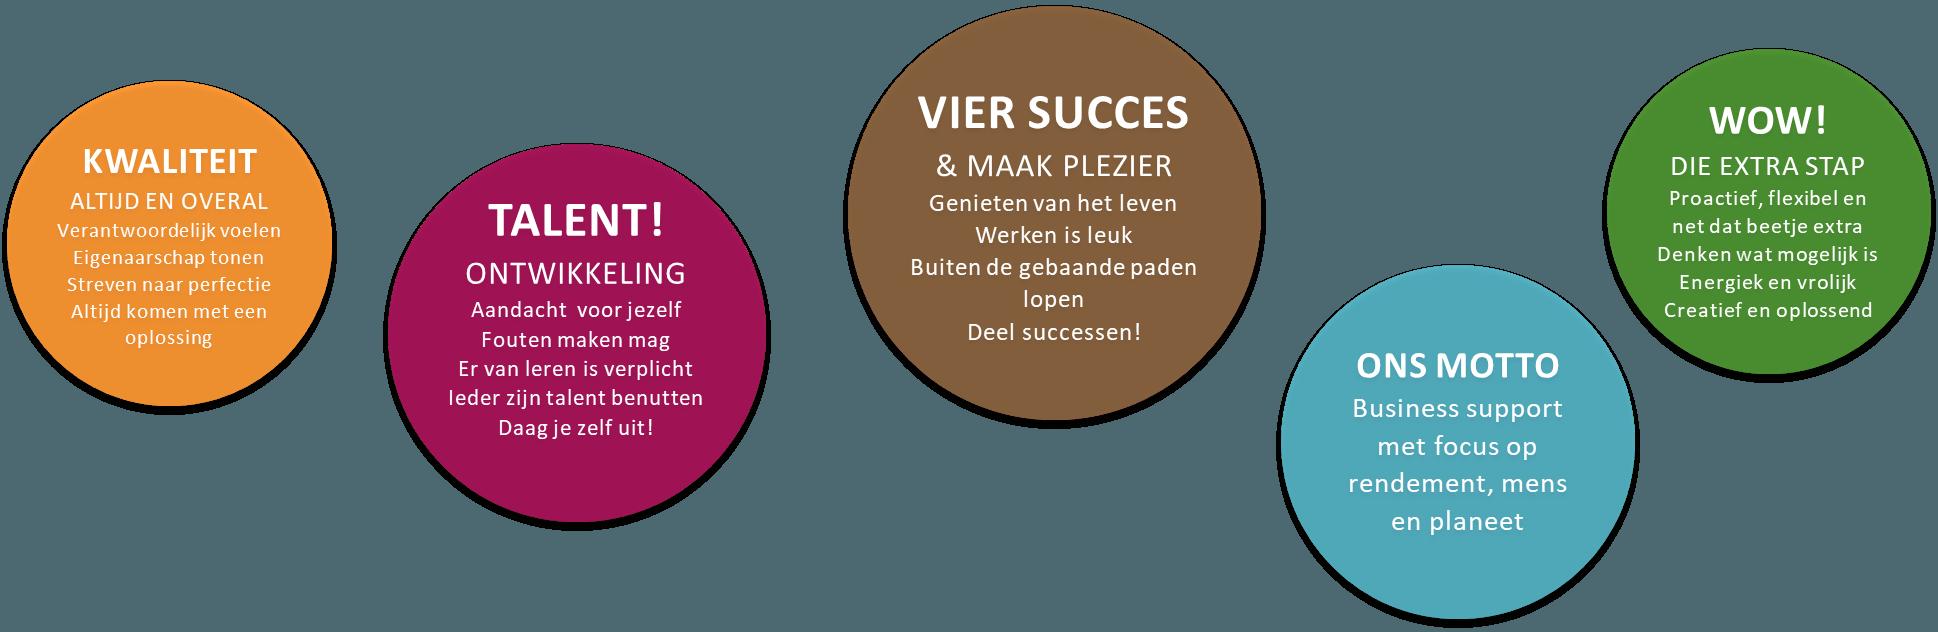 Business support met focus op rendement, mens en planeet